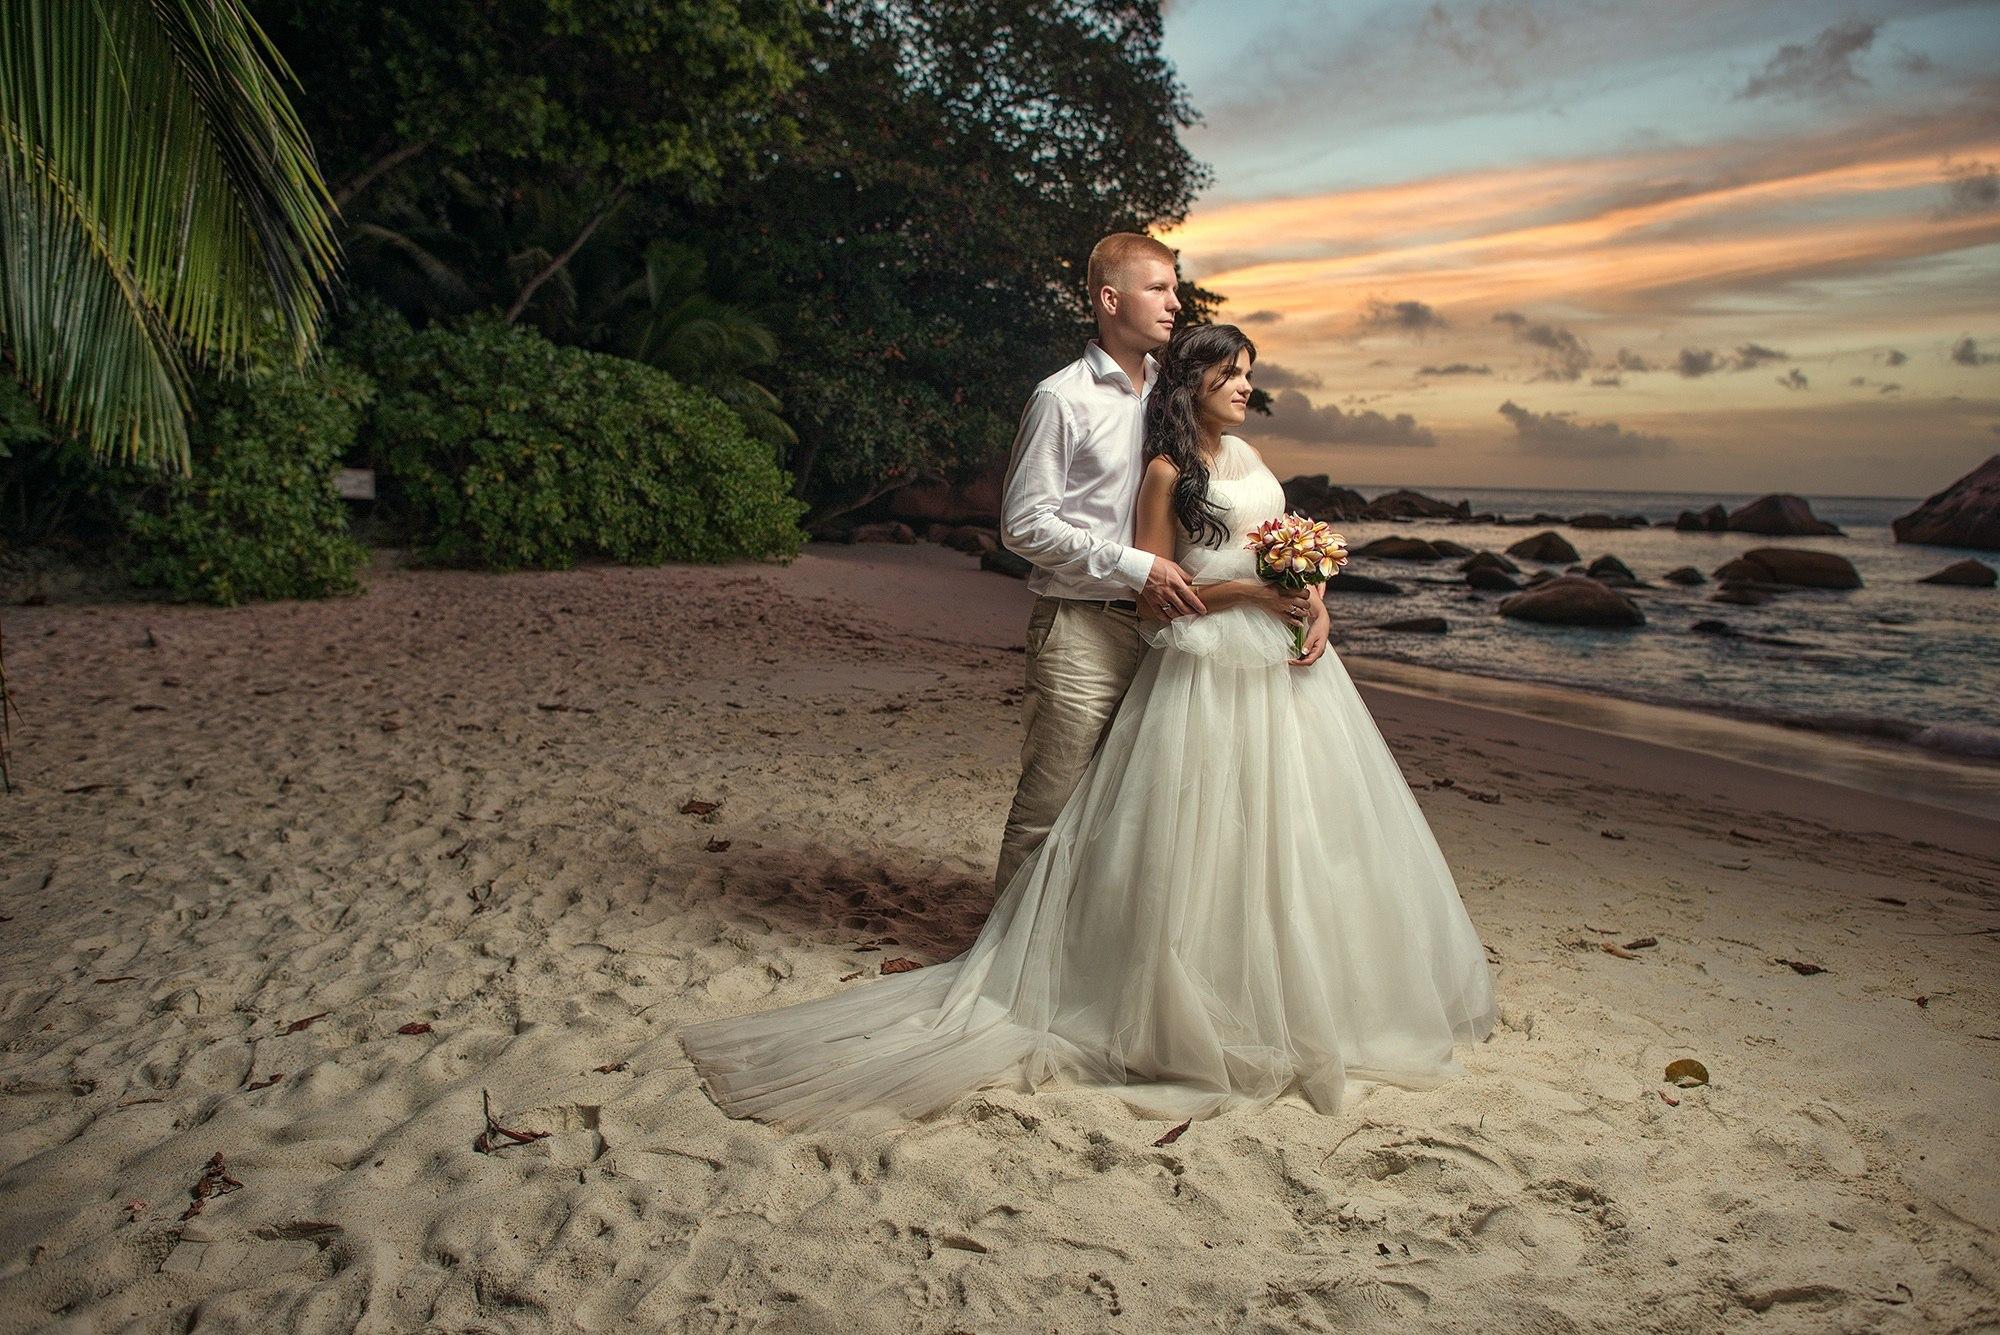 Сейшельские острова | Свадьба | Туристическое агентство Мультипасс | (499) 653-6300